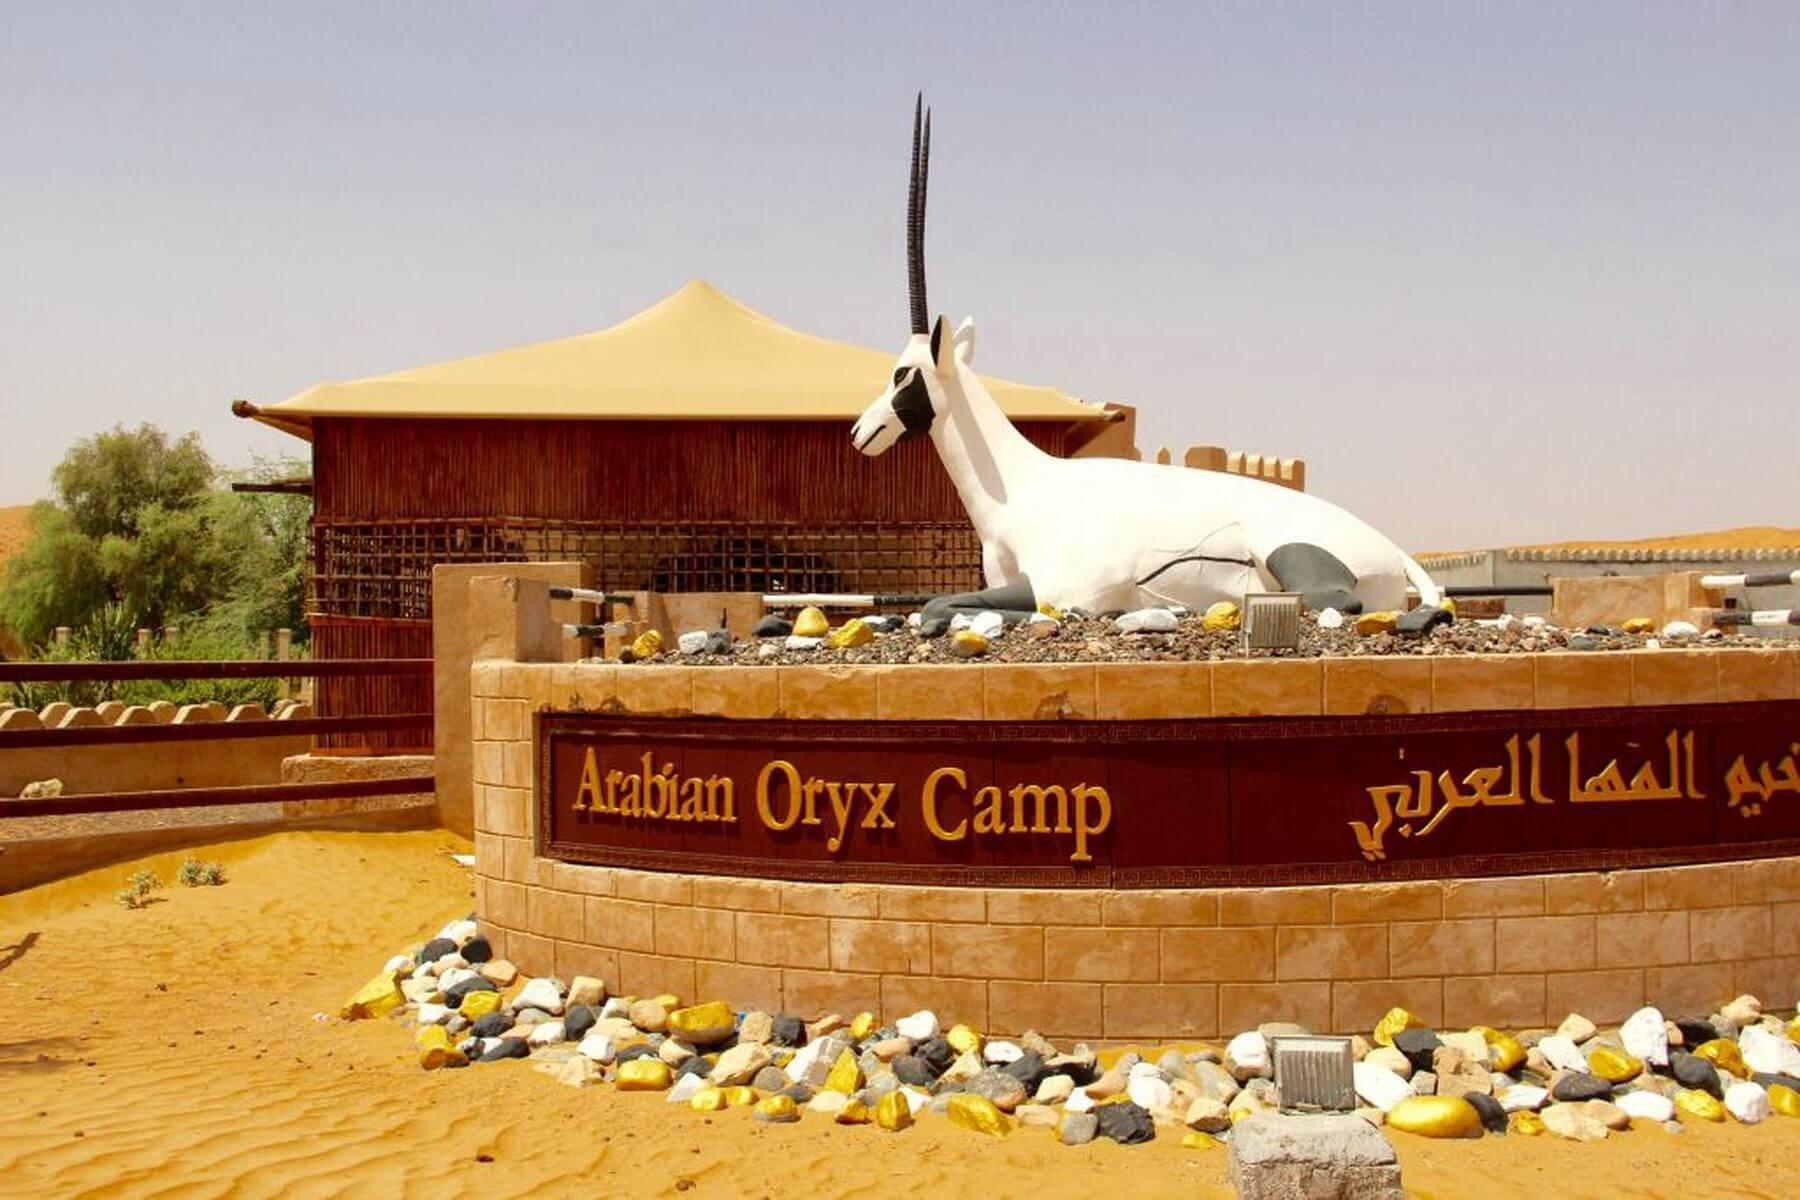 Der Eingang des Arabian Oryx Camp mitten in der Wüste Scharqiyya Sands